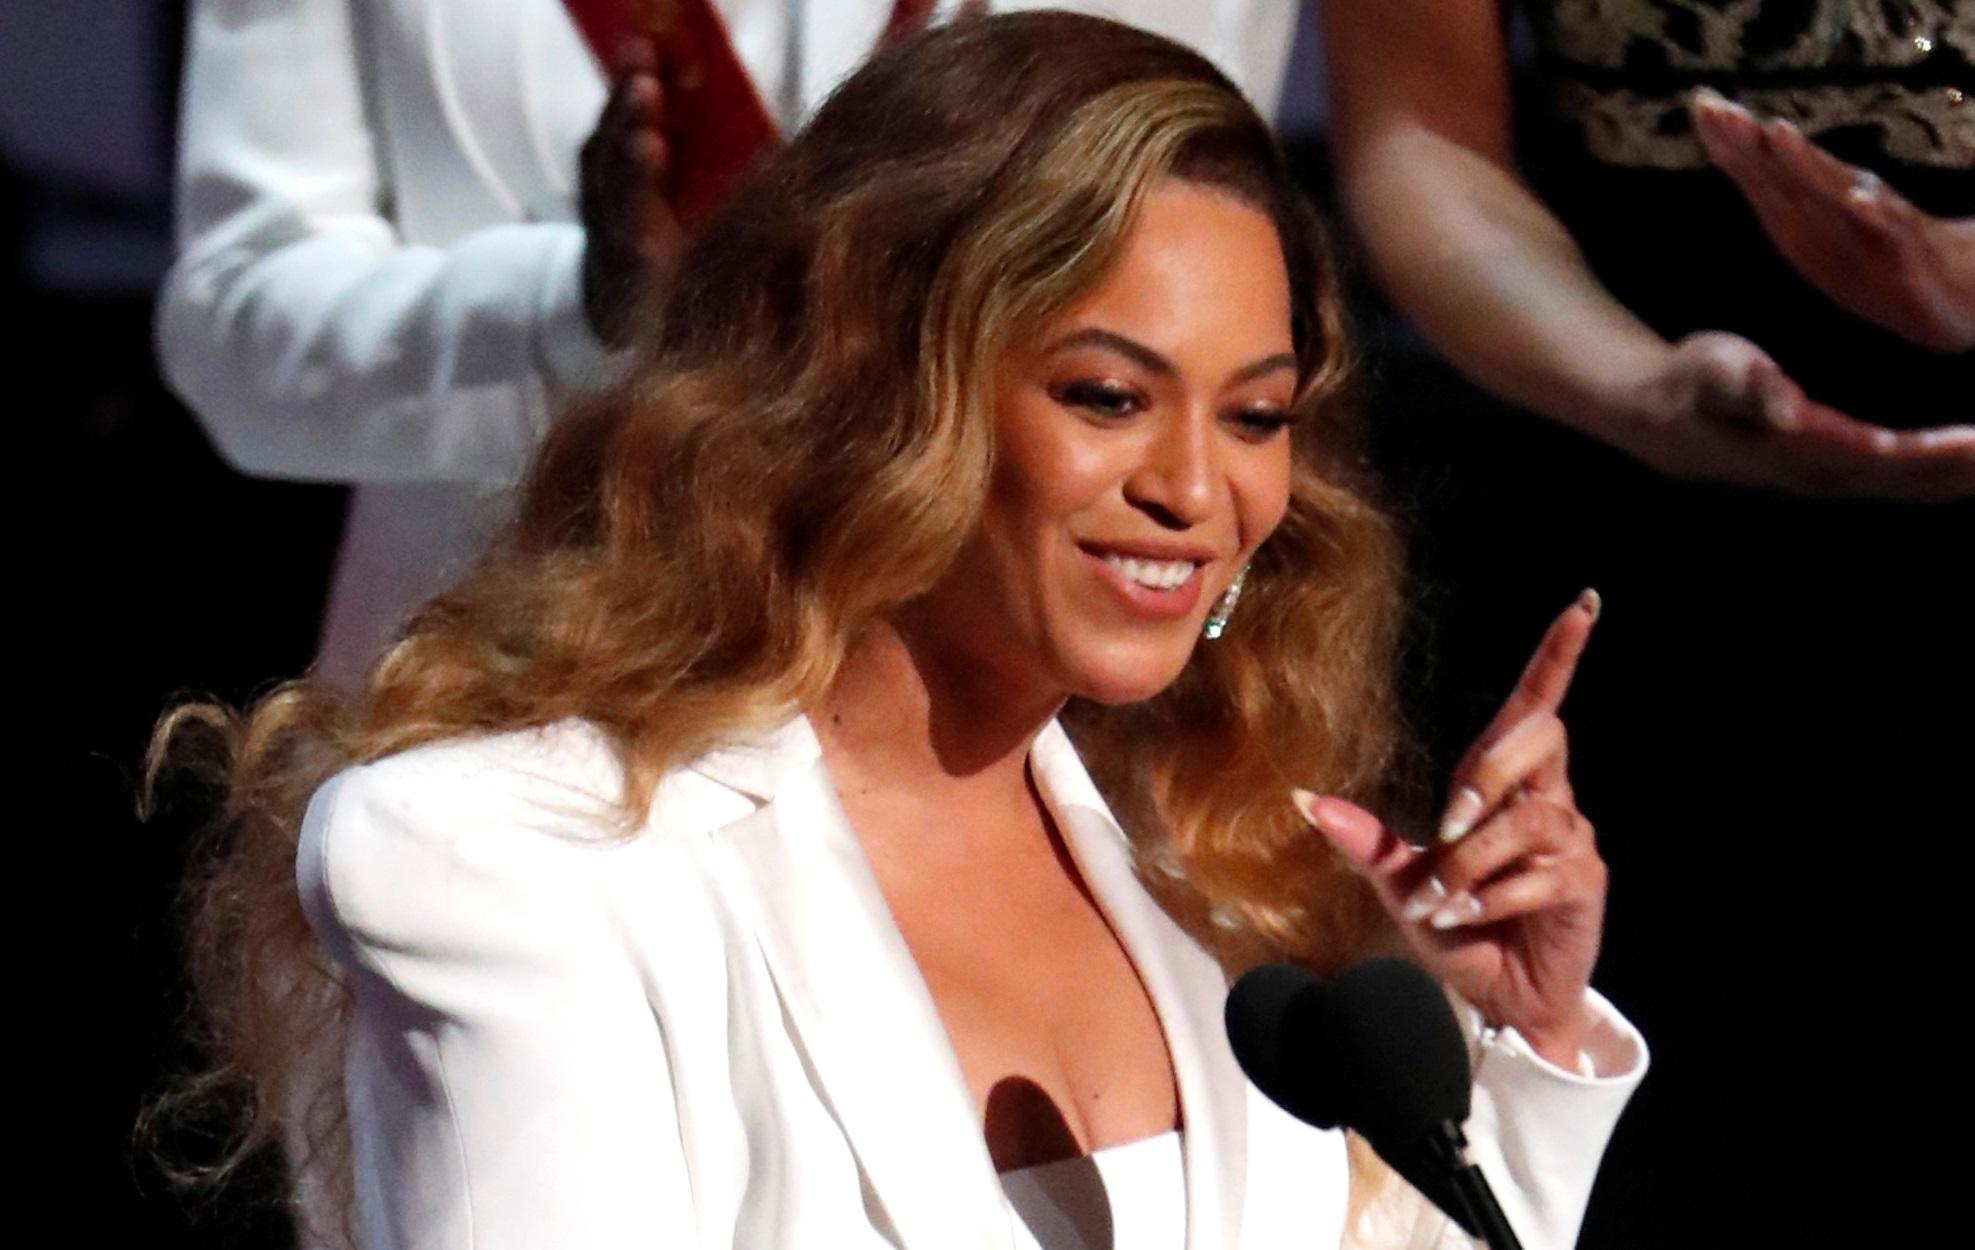 Πηγή έμπνευσης για την Beyonce οι Spice Girls – Τι εκμυστηρεύτηκε στην Βικτόρια Μπέκαμ